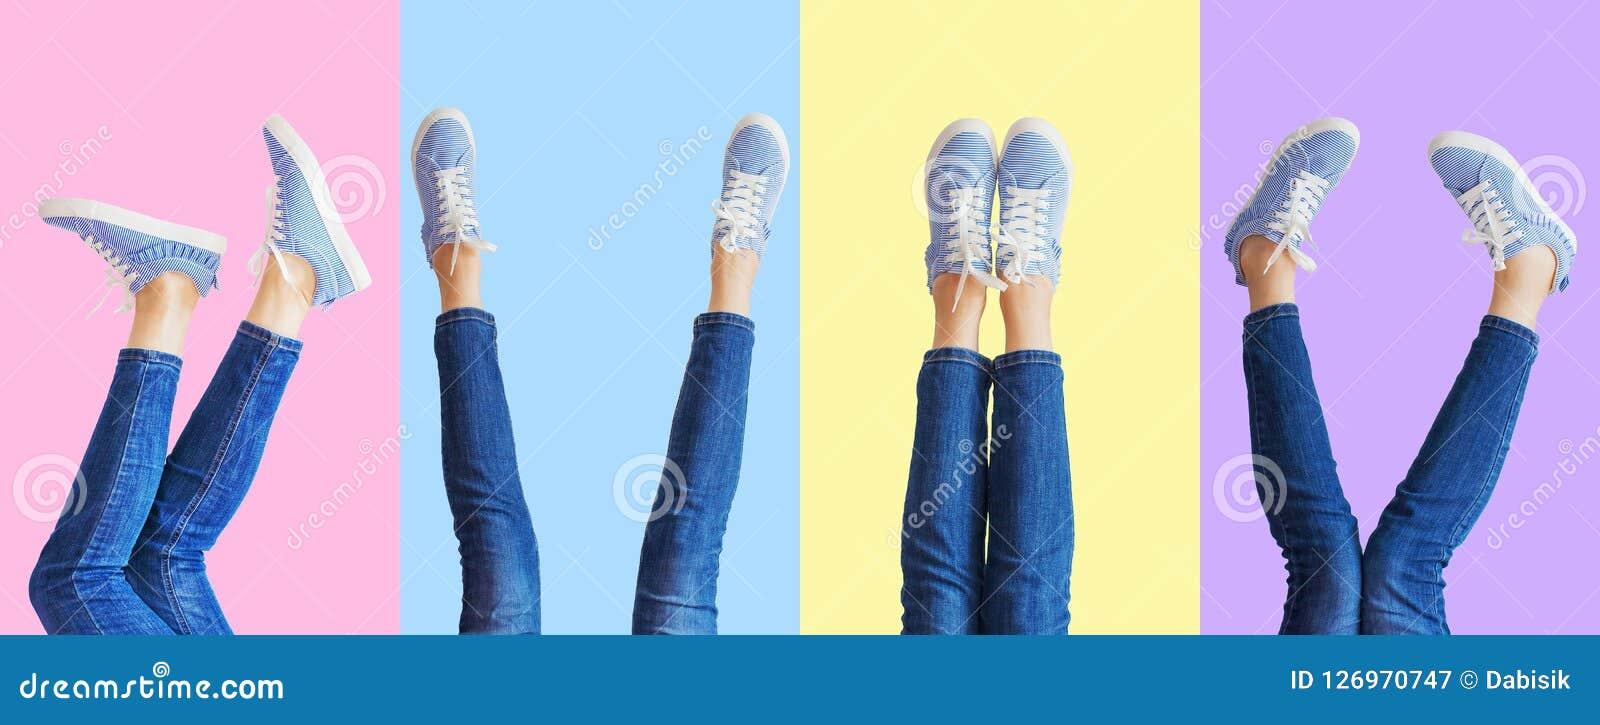 De collage van vrouwelijke benen in jeans en tennisschoenen in verschillend stelt op gekleurde achtergrond, panorama